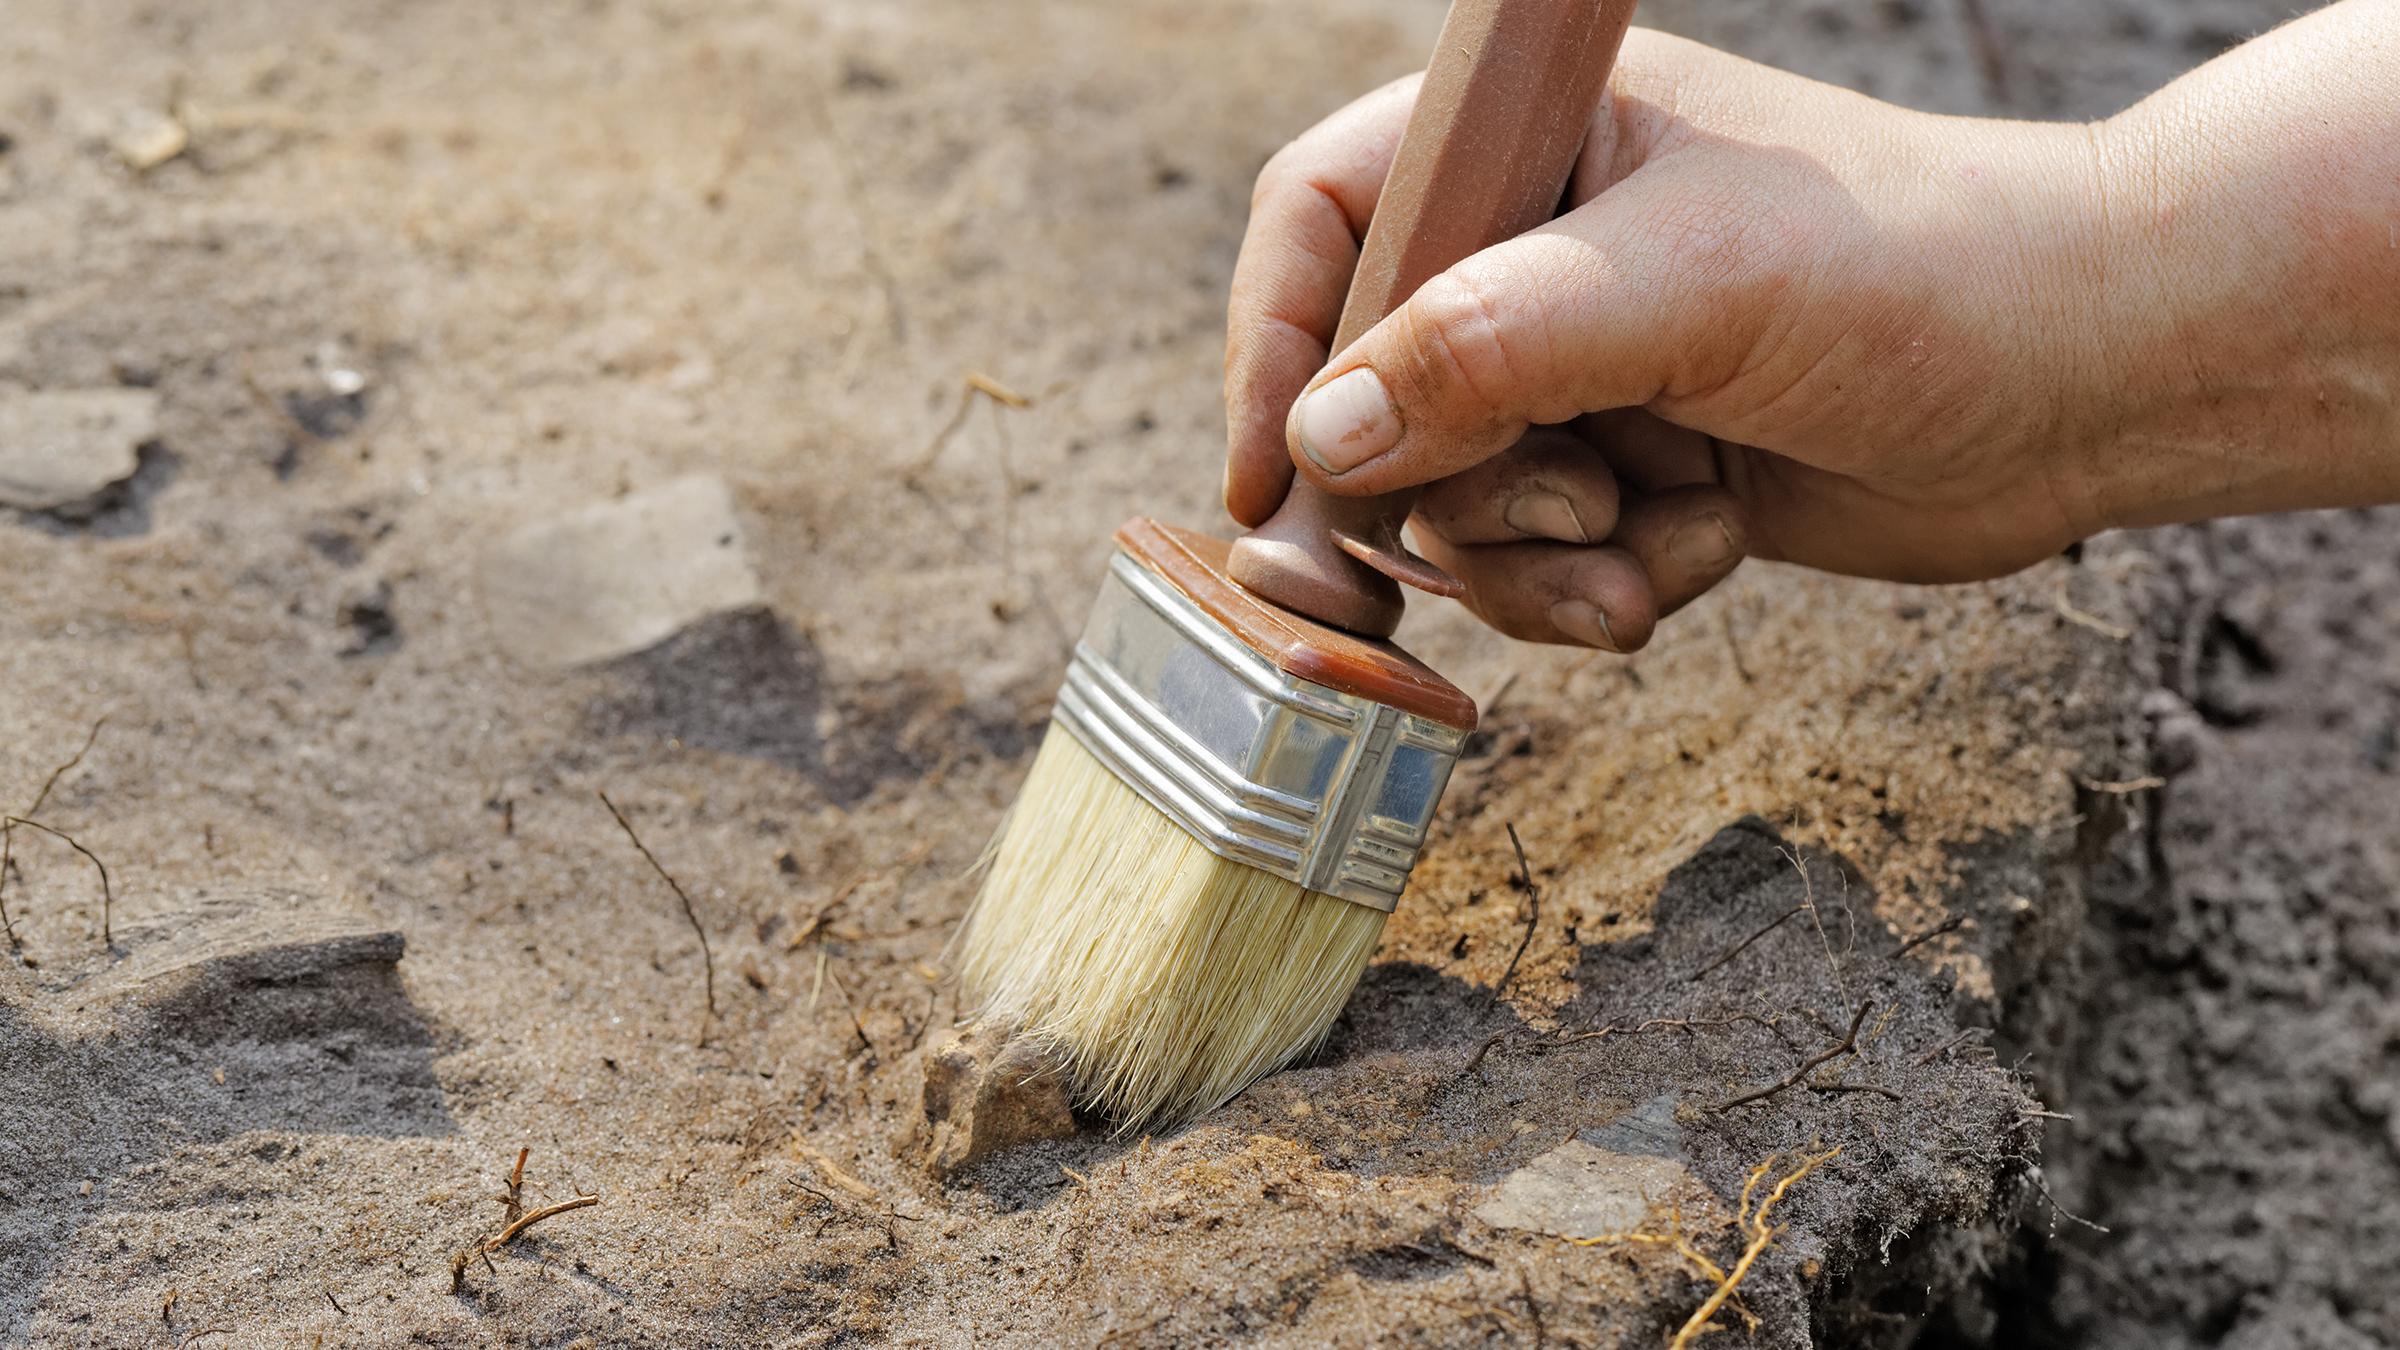 Житель села в грузии сделал археологическое открытие.